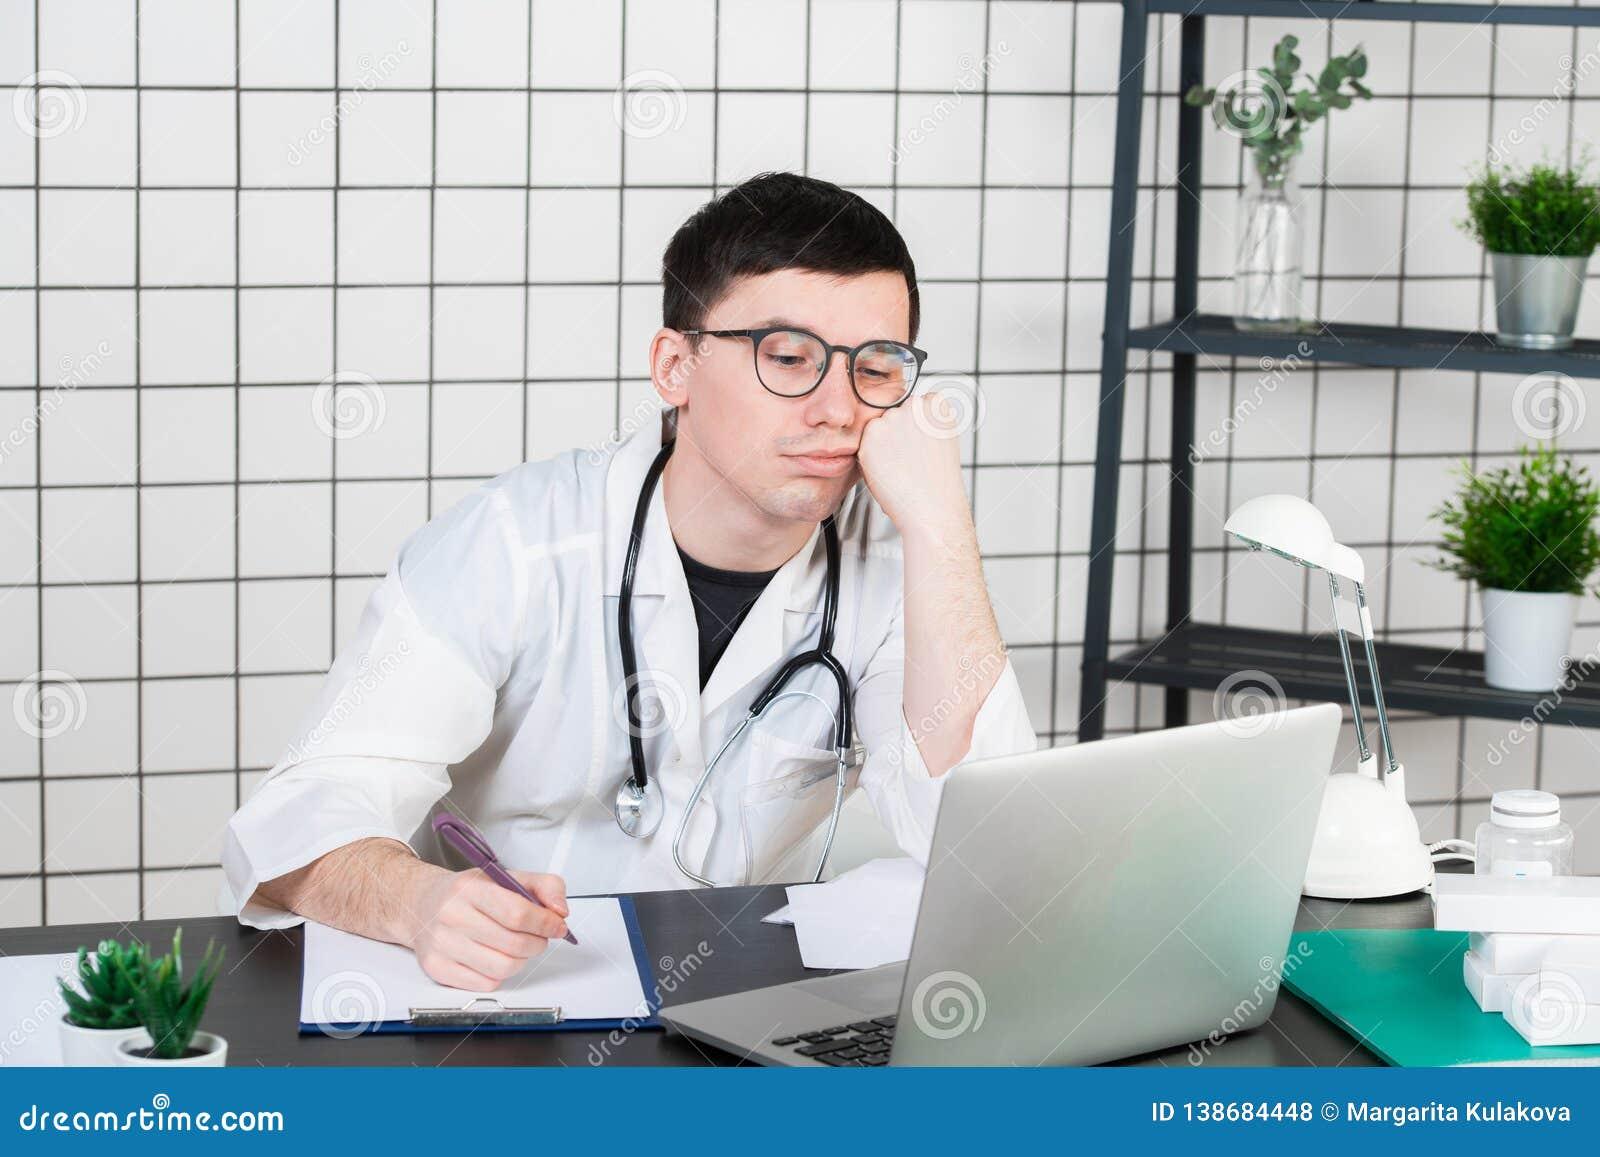 Усиленный доктор в клинике под давлением Преступная небрежность врача, ошибка обработки и ошибка или нерадивость Задирать рабочег